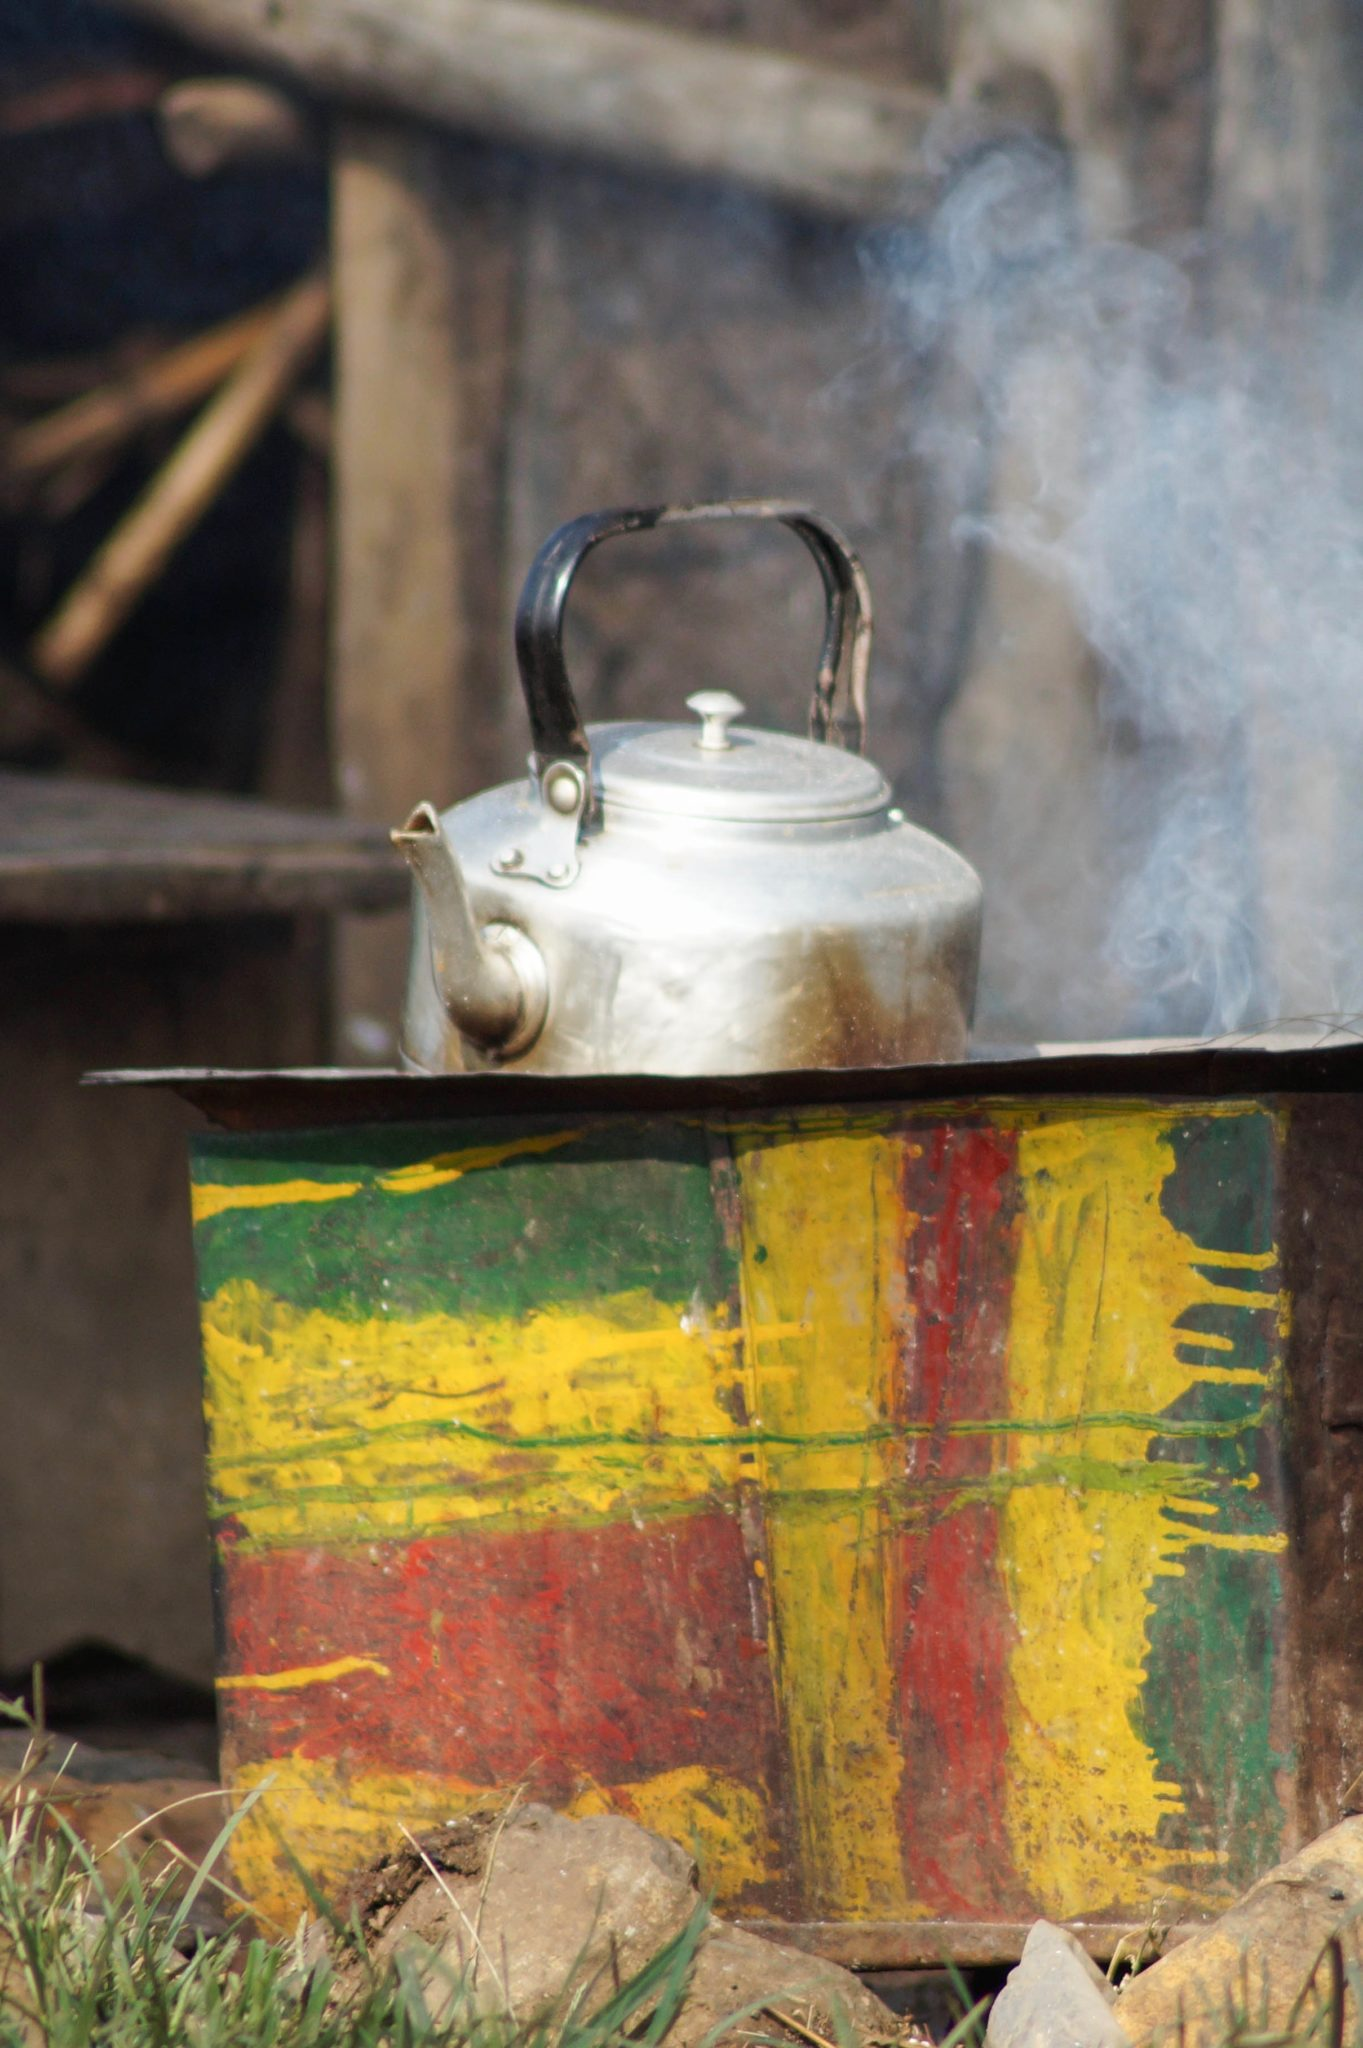 Äthiopien Norden: Kaffee ist das wichtigste im Alltag der Äthiopier.